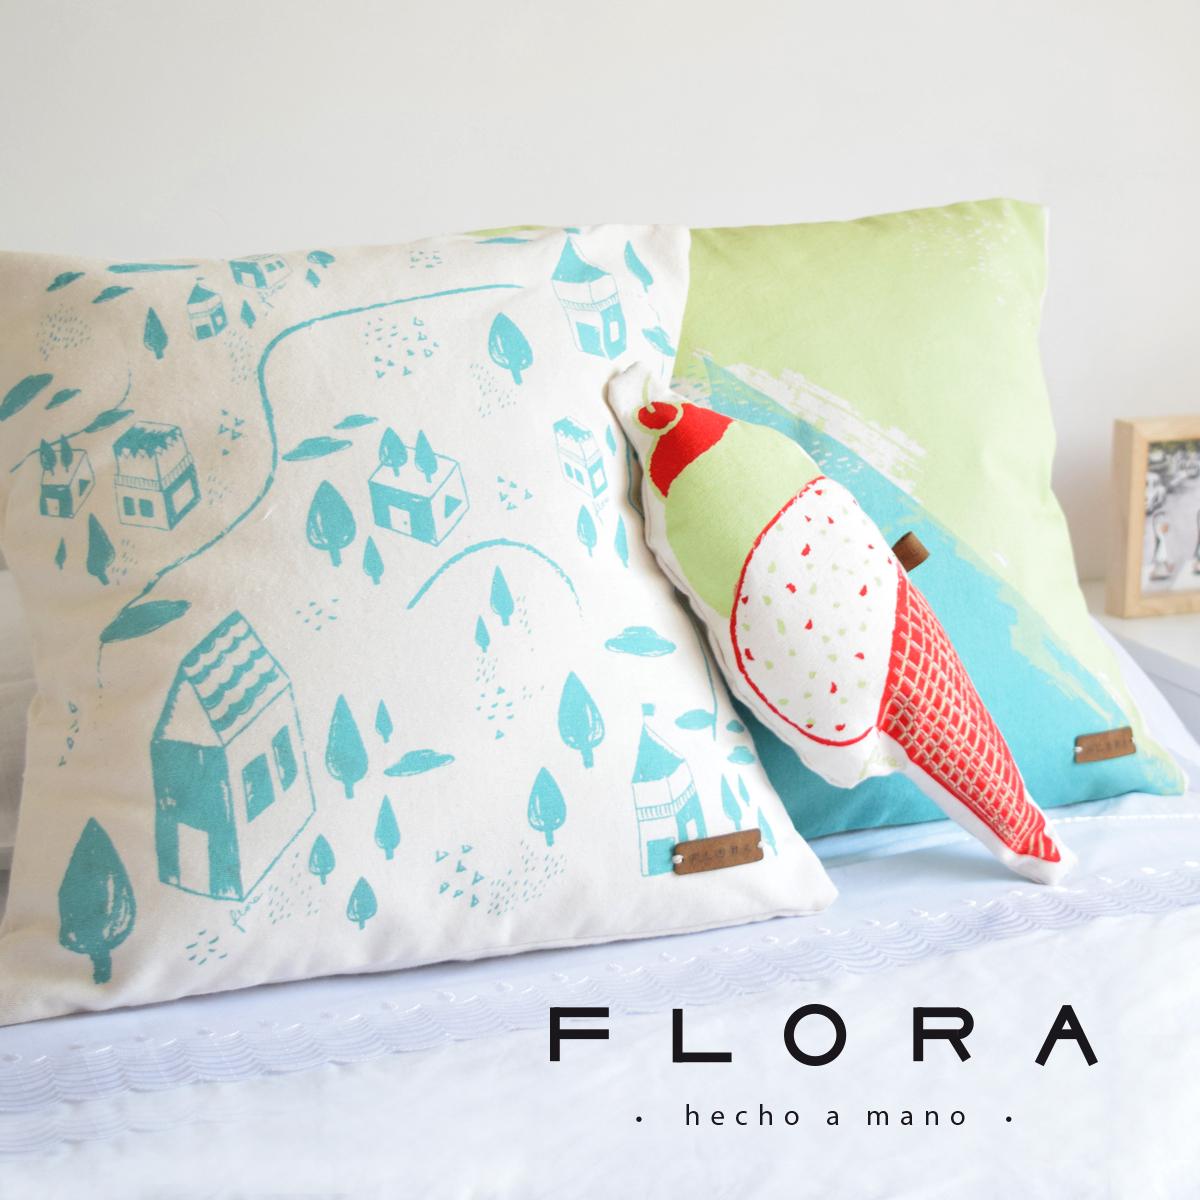 FLORA - HECHO A MANO